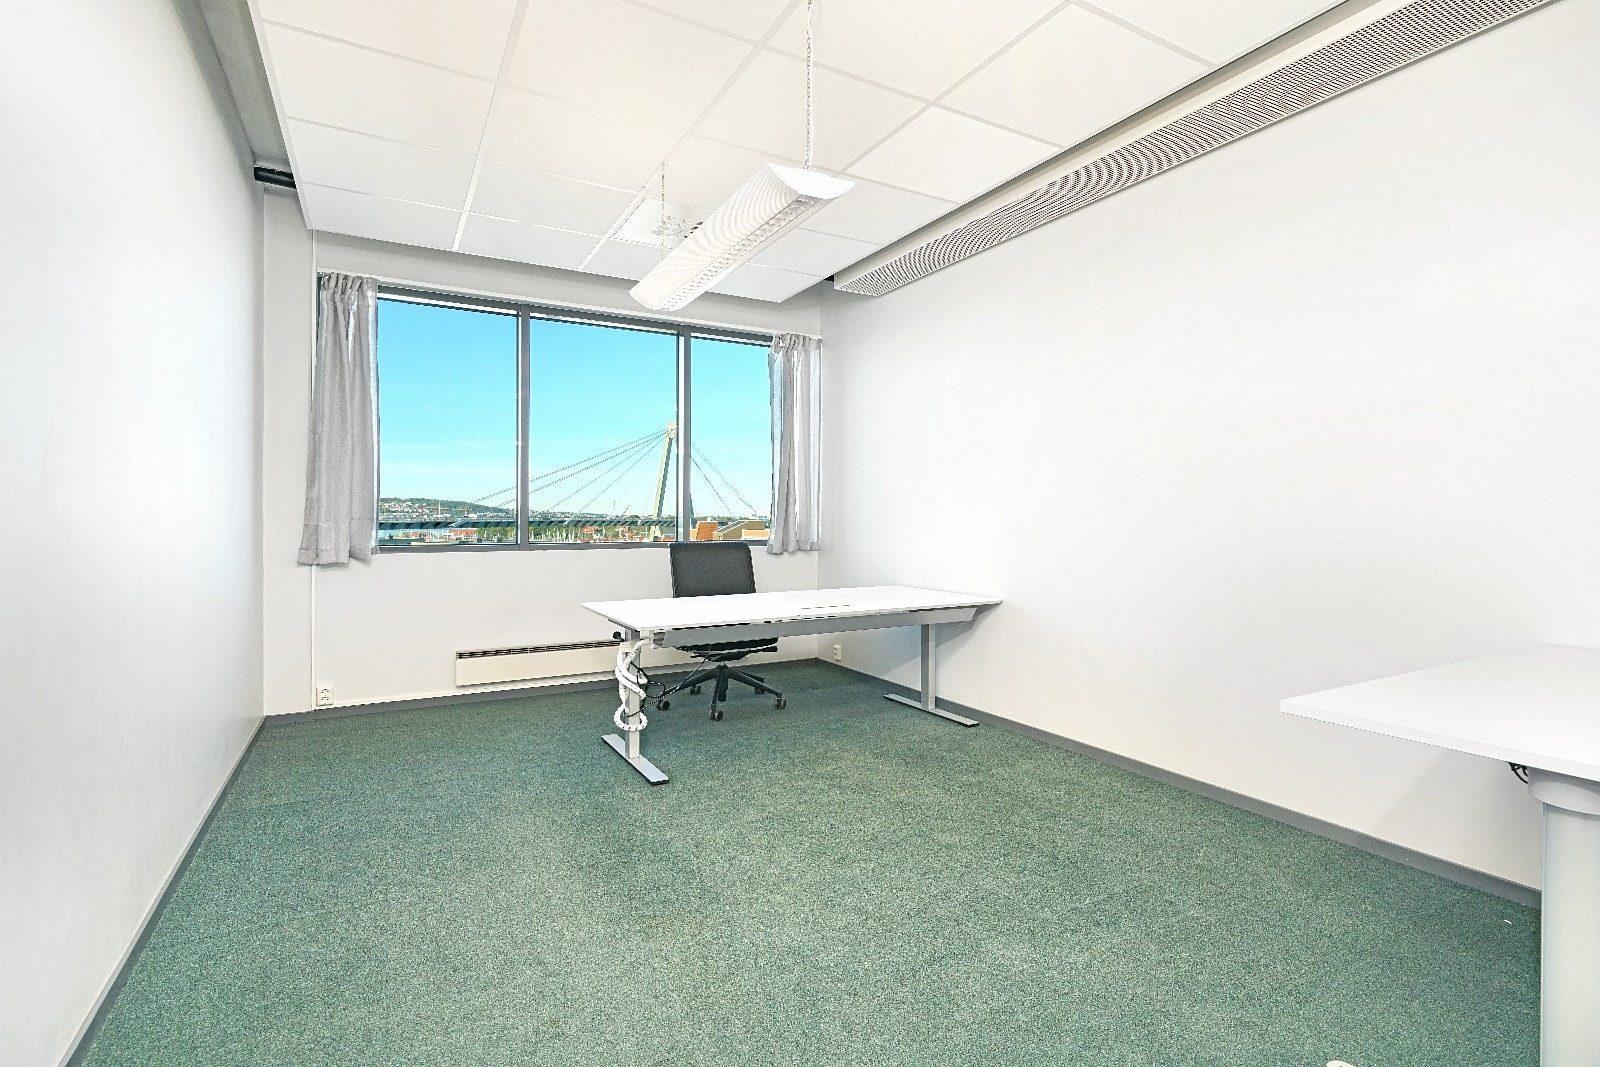 Kontor med plass til 1-2 arbeidsstasjoner